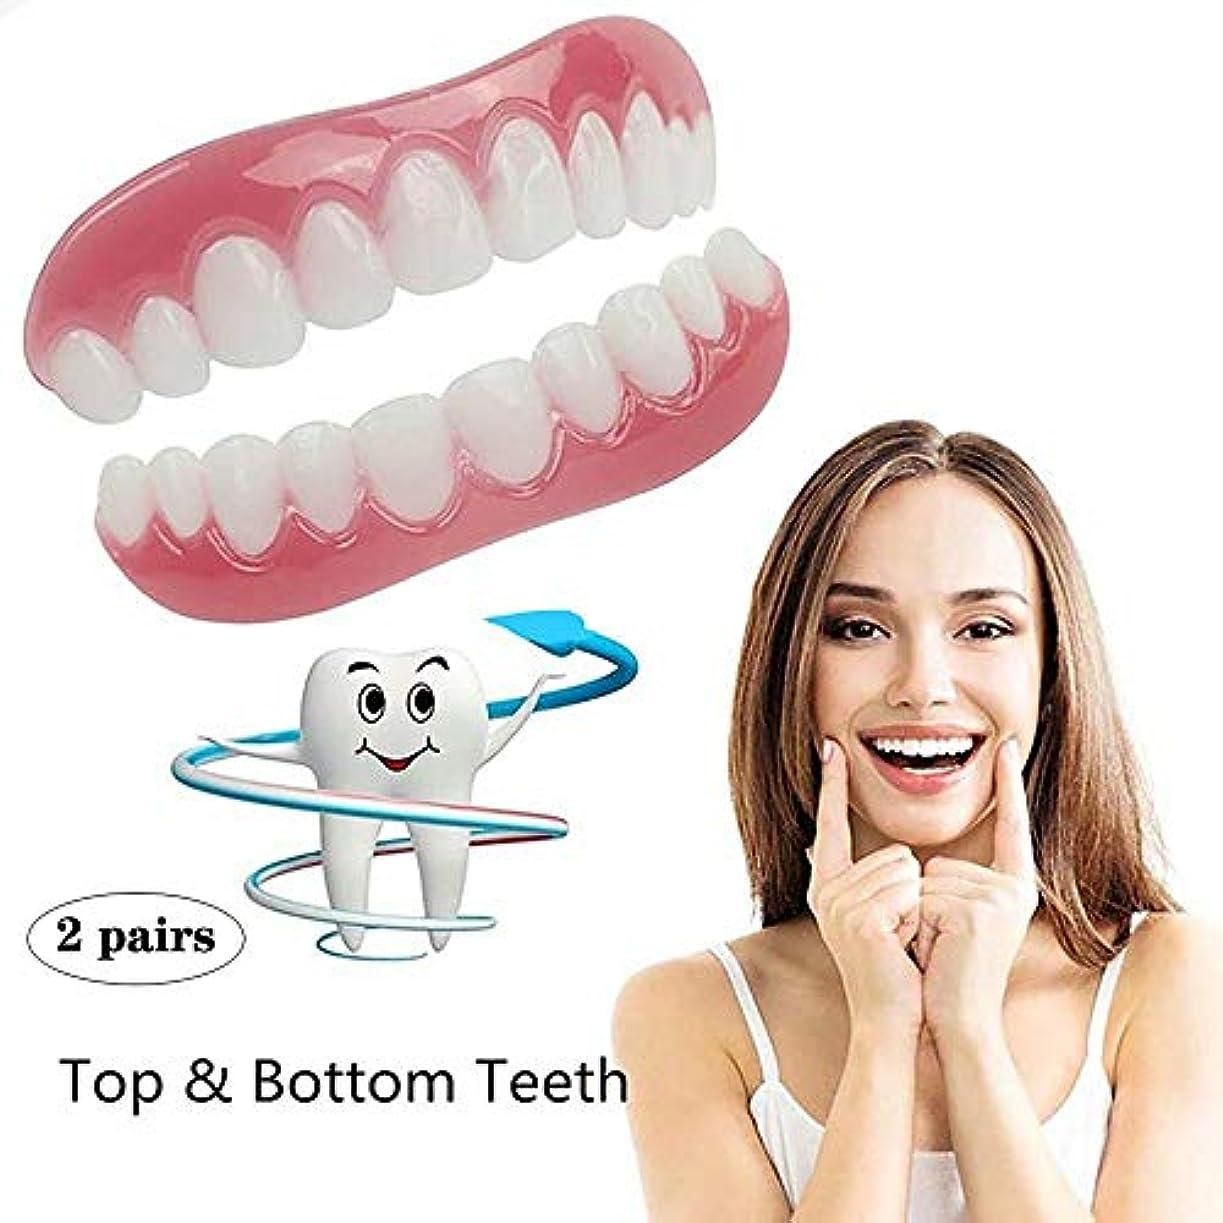 政策突き刺すコンセンサス2対の歯のベニヤ化粧品の歯のスナップオンセキュアアッパーロアフレックスデンタルベニア義歯ケアファッション